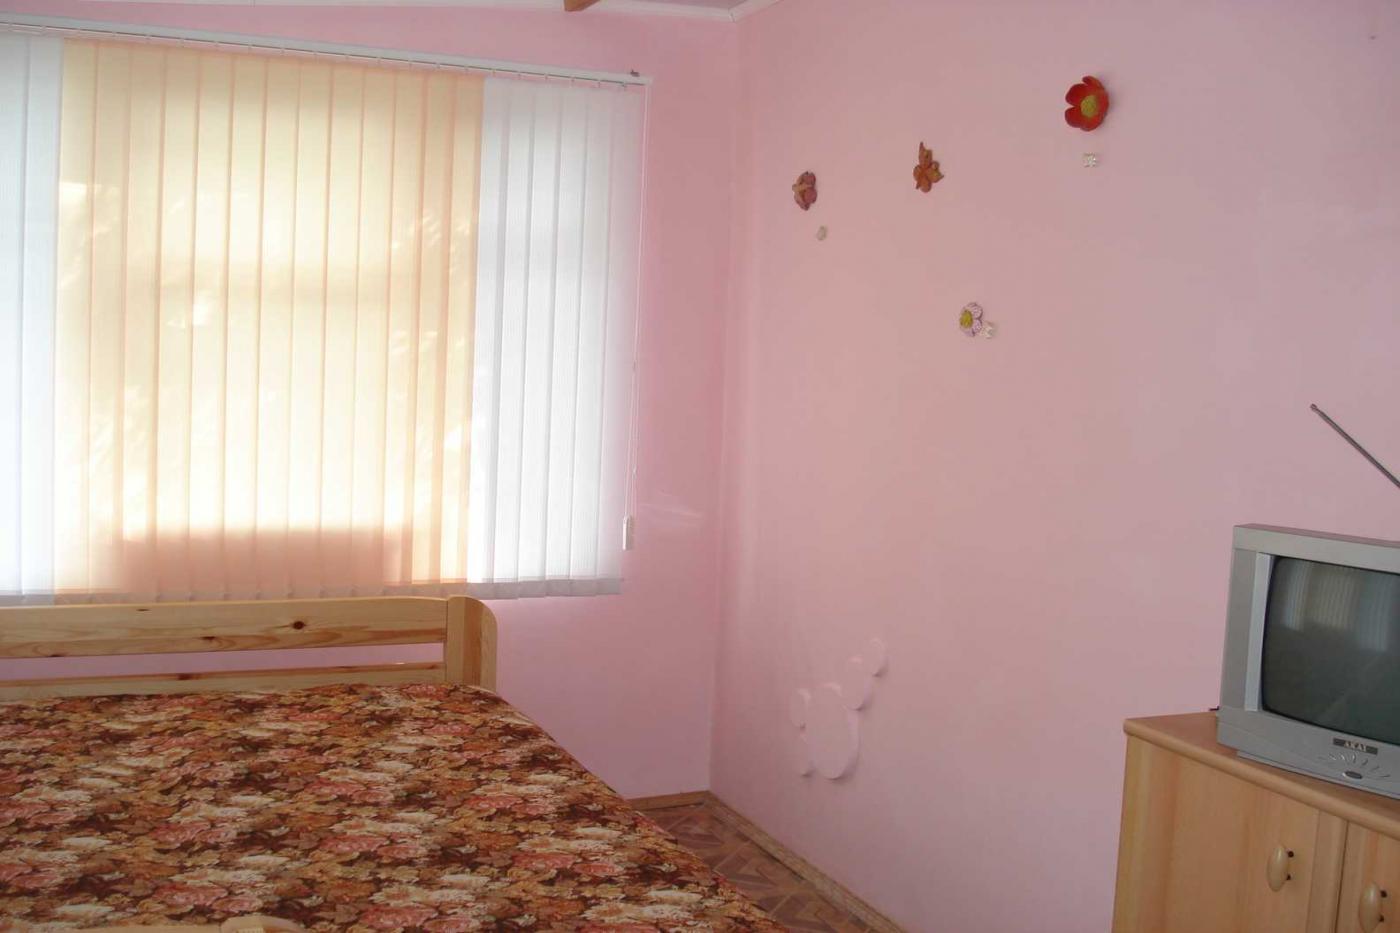 2-комнатная квартира посуточно (вариант № 876), ул. Кастрополь, ул. Кипарисная улица, фото № 15